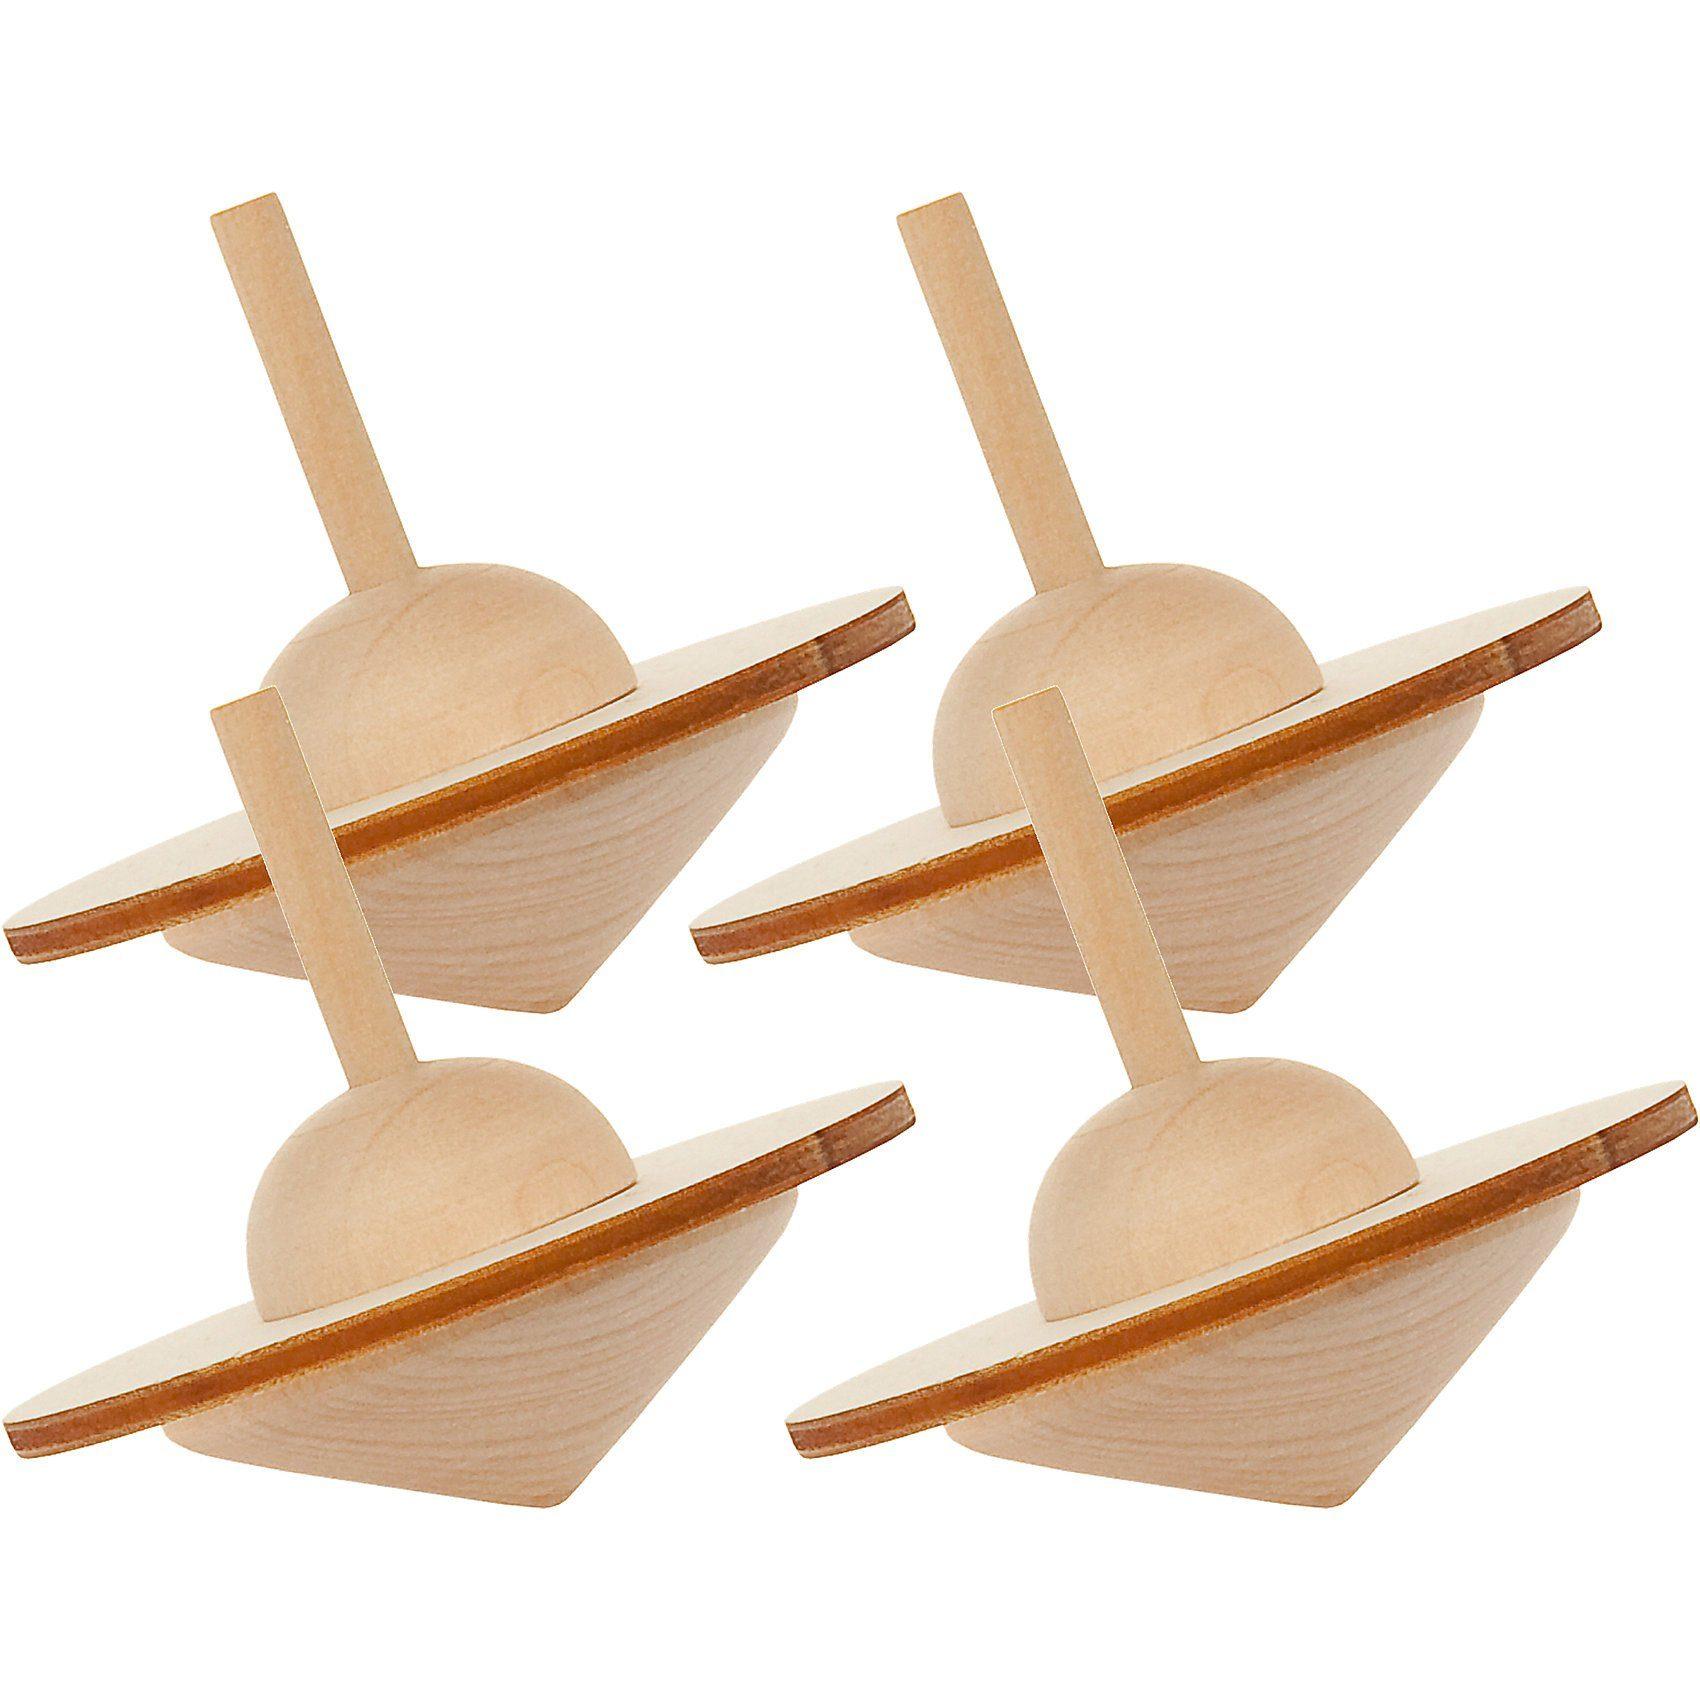 SUNNYSUE Kreisel Holz zum Basteln und Gestalten, 4 Stück